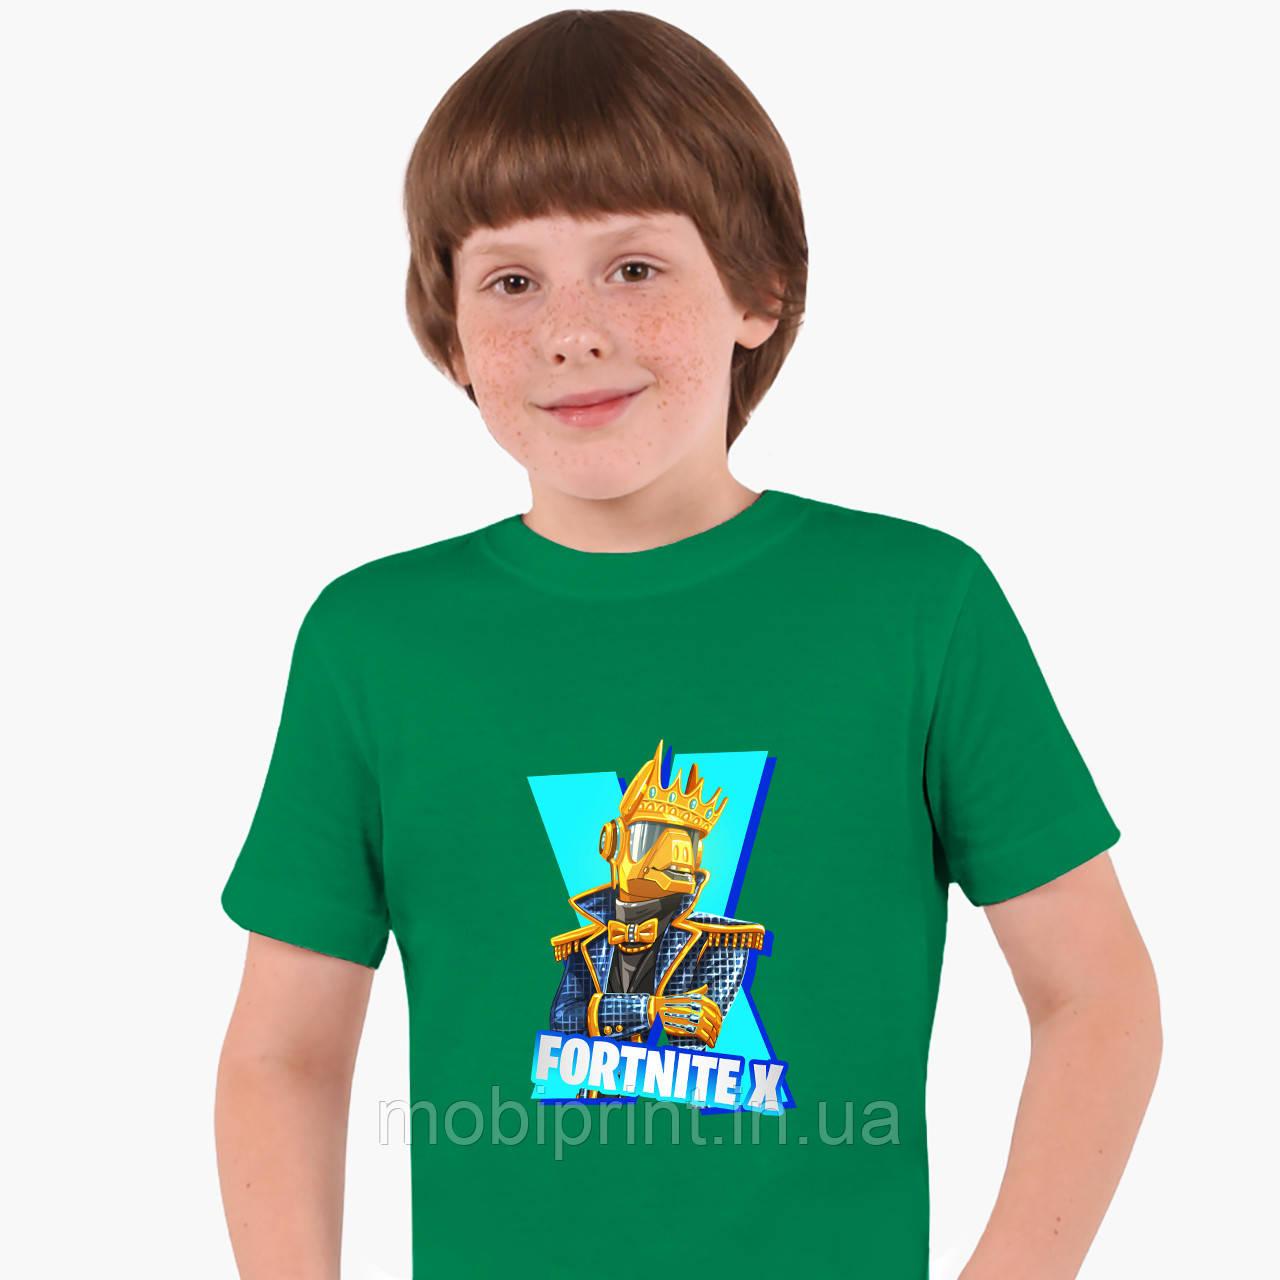 Детская футболка для мальчиков Фортнайт (Fortnite) (25186-1196) Зеленый